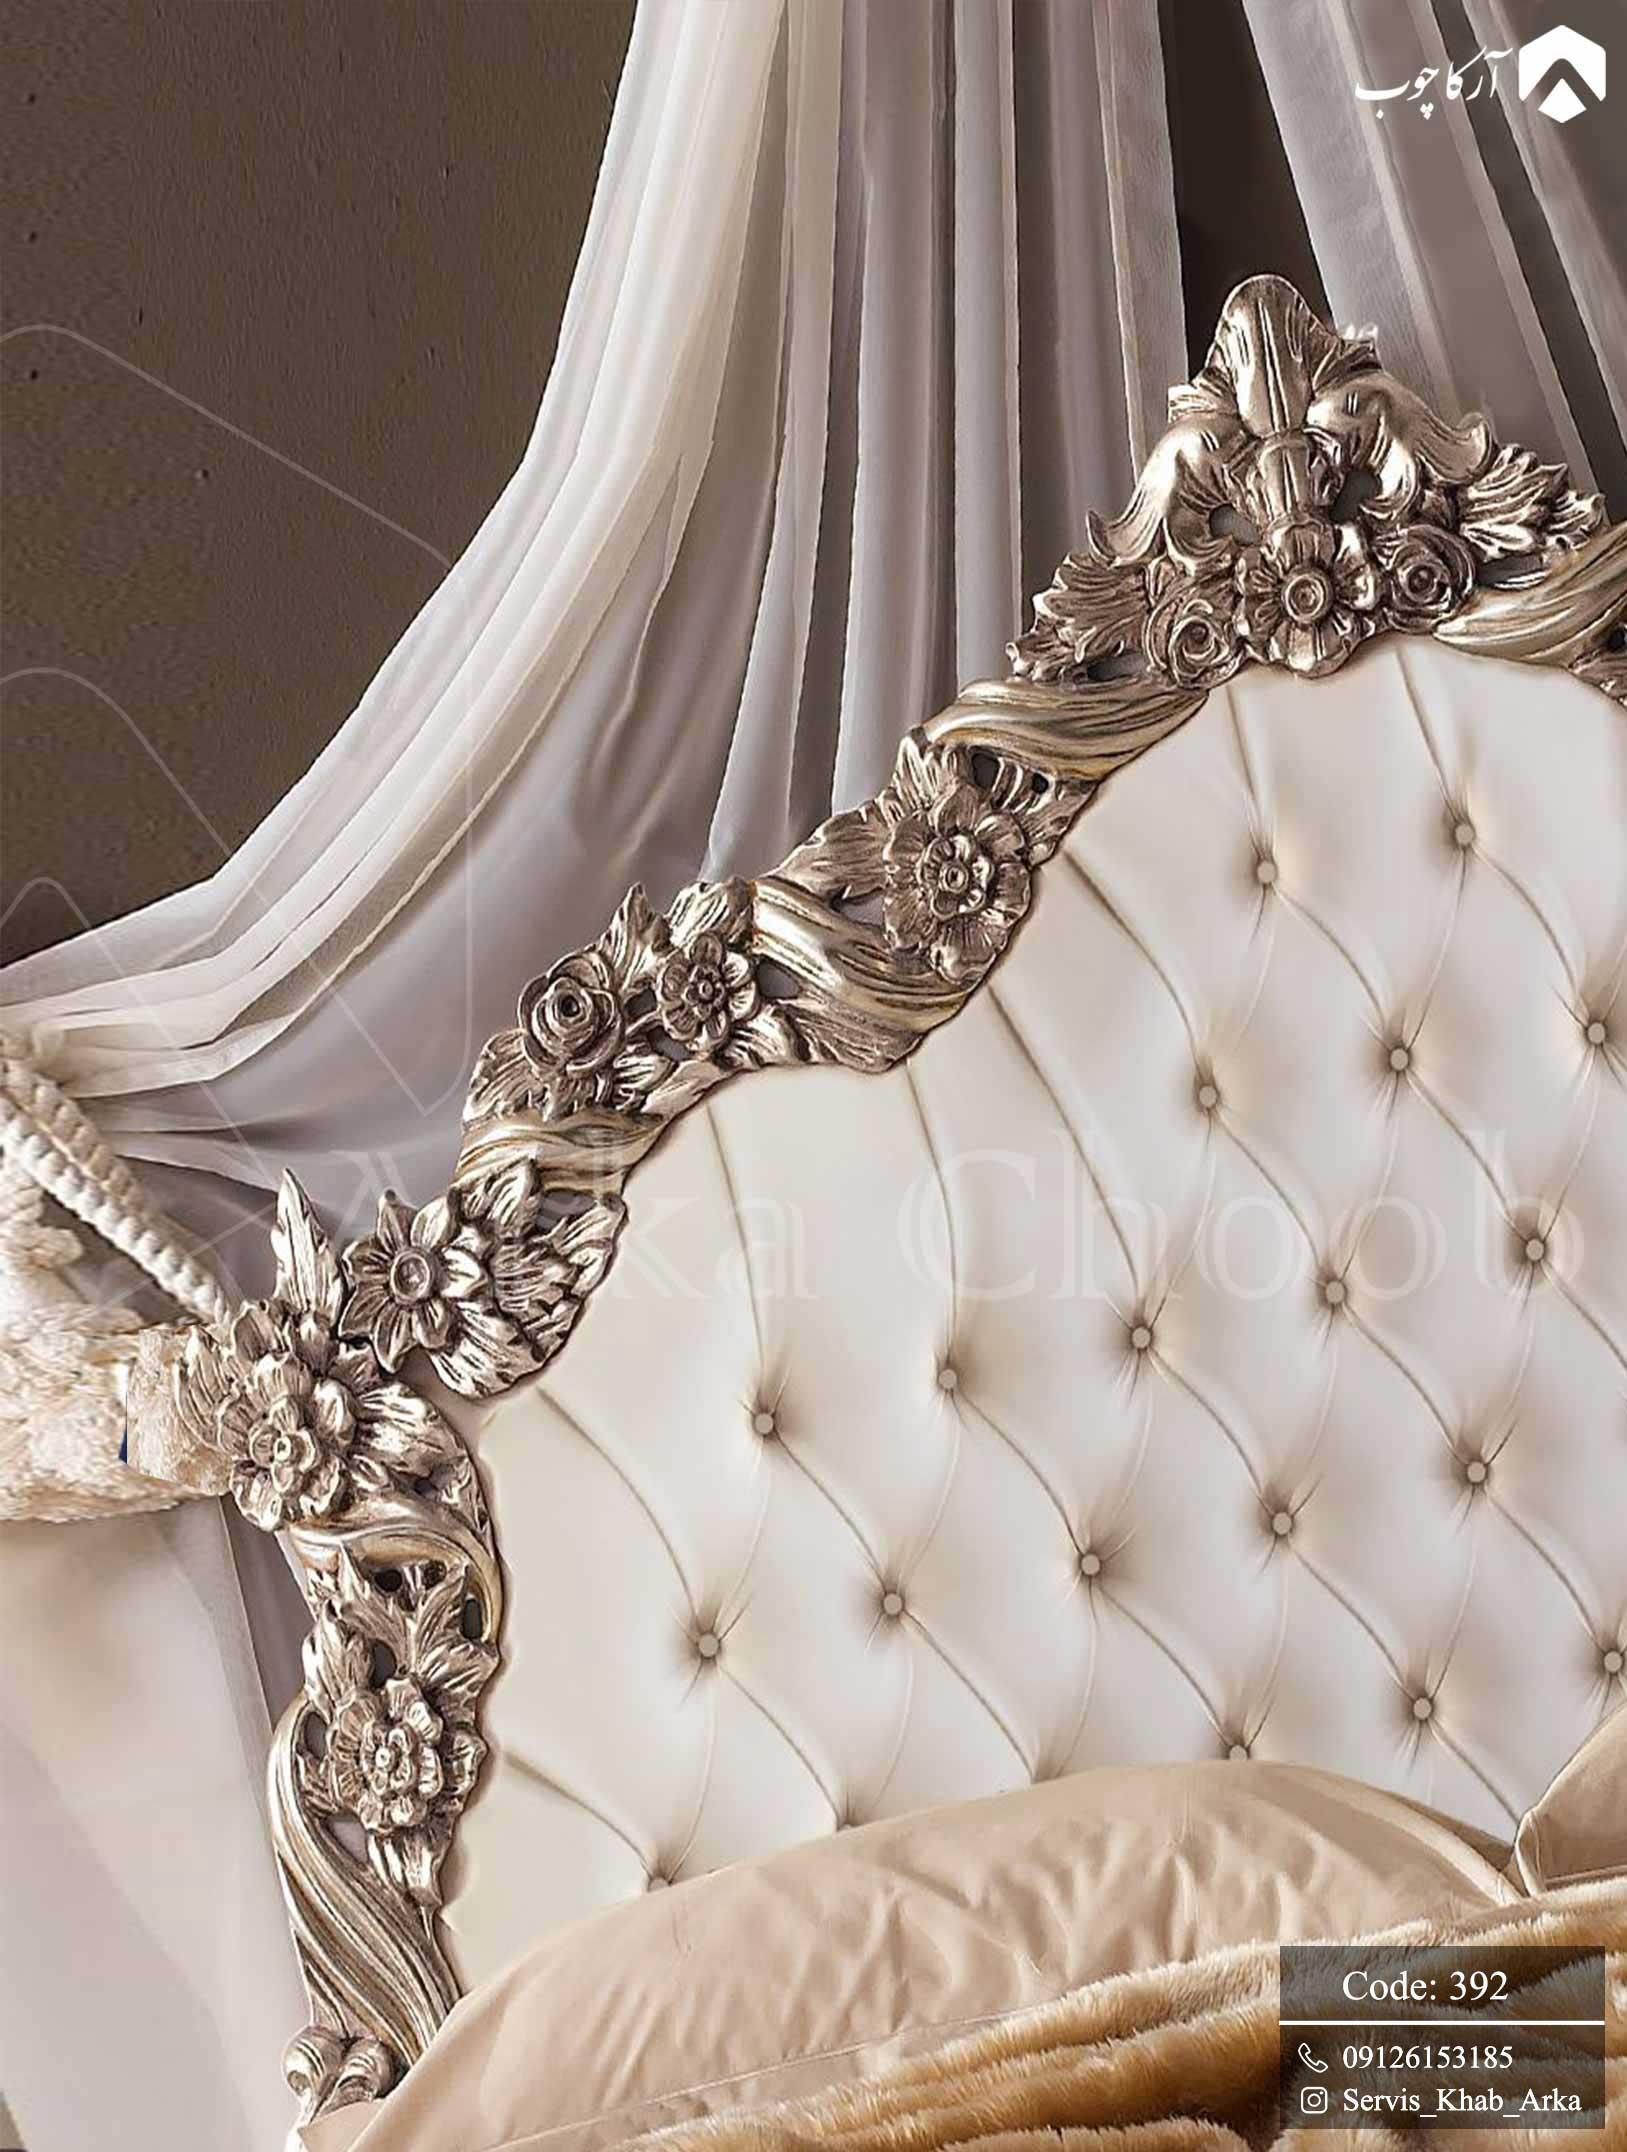 سرویس خواب تلفیق کلاسیکتخت خواب زیبای کلاسیک که با رنگ طلایی 392 و نئوکلاسیک 384